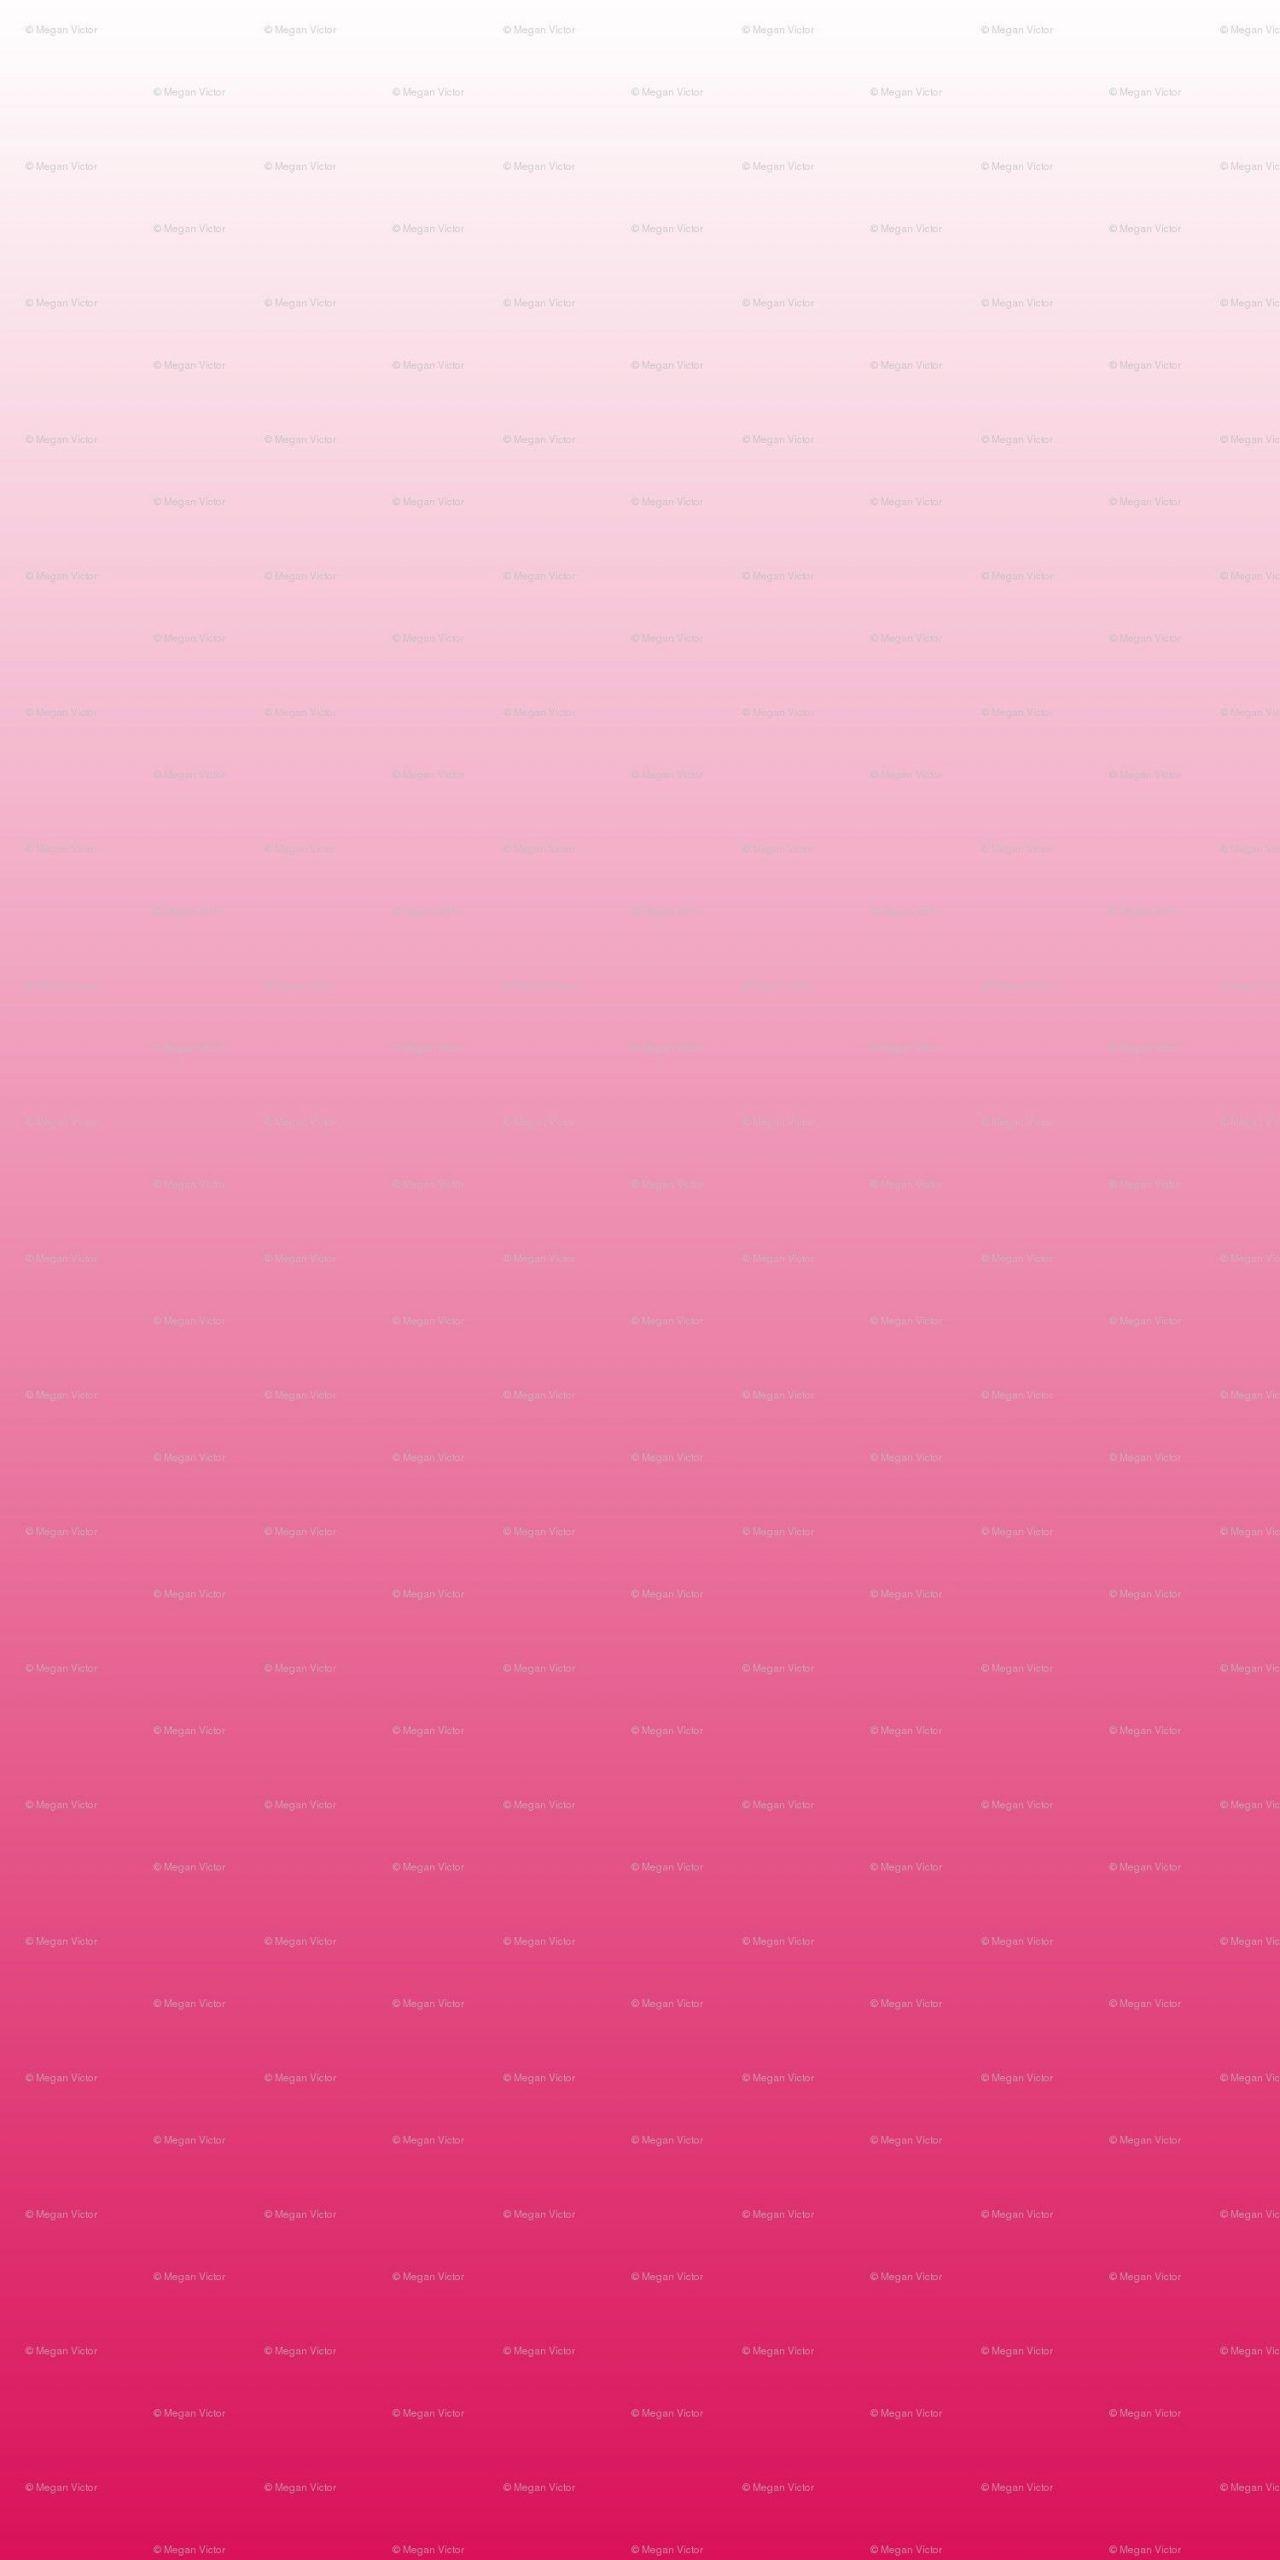 Wallpaper Tumblr Pink Background Pink Tumblr 3dwallpaperpictures Background Pink 3dwallpaperpict Pink Ombre Wallpaper Ombre Wallpapers Wallpaper